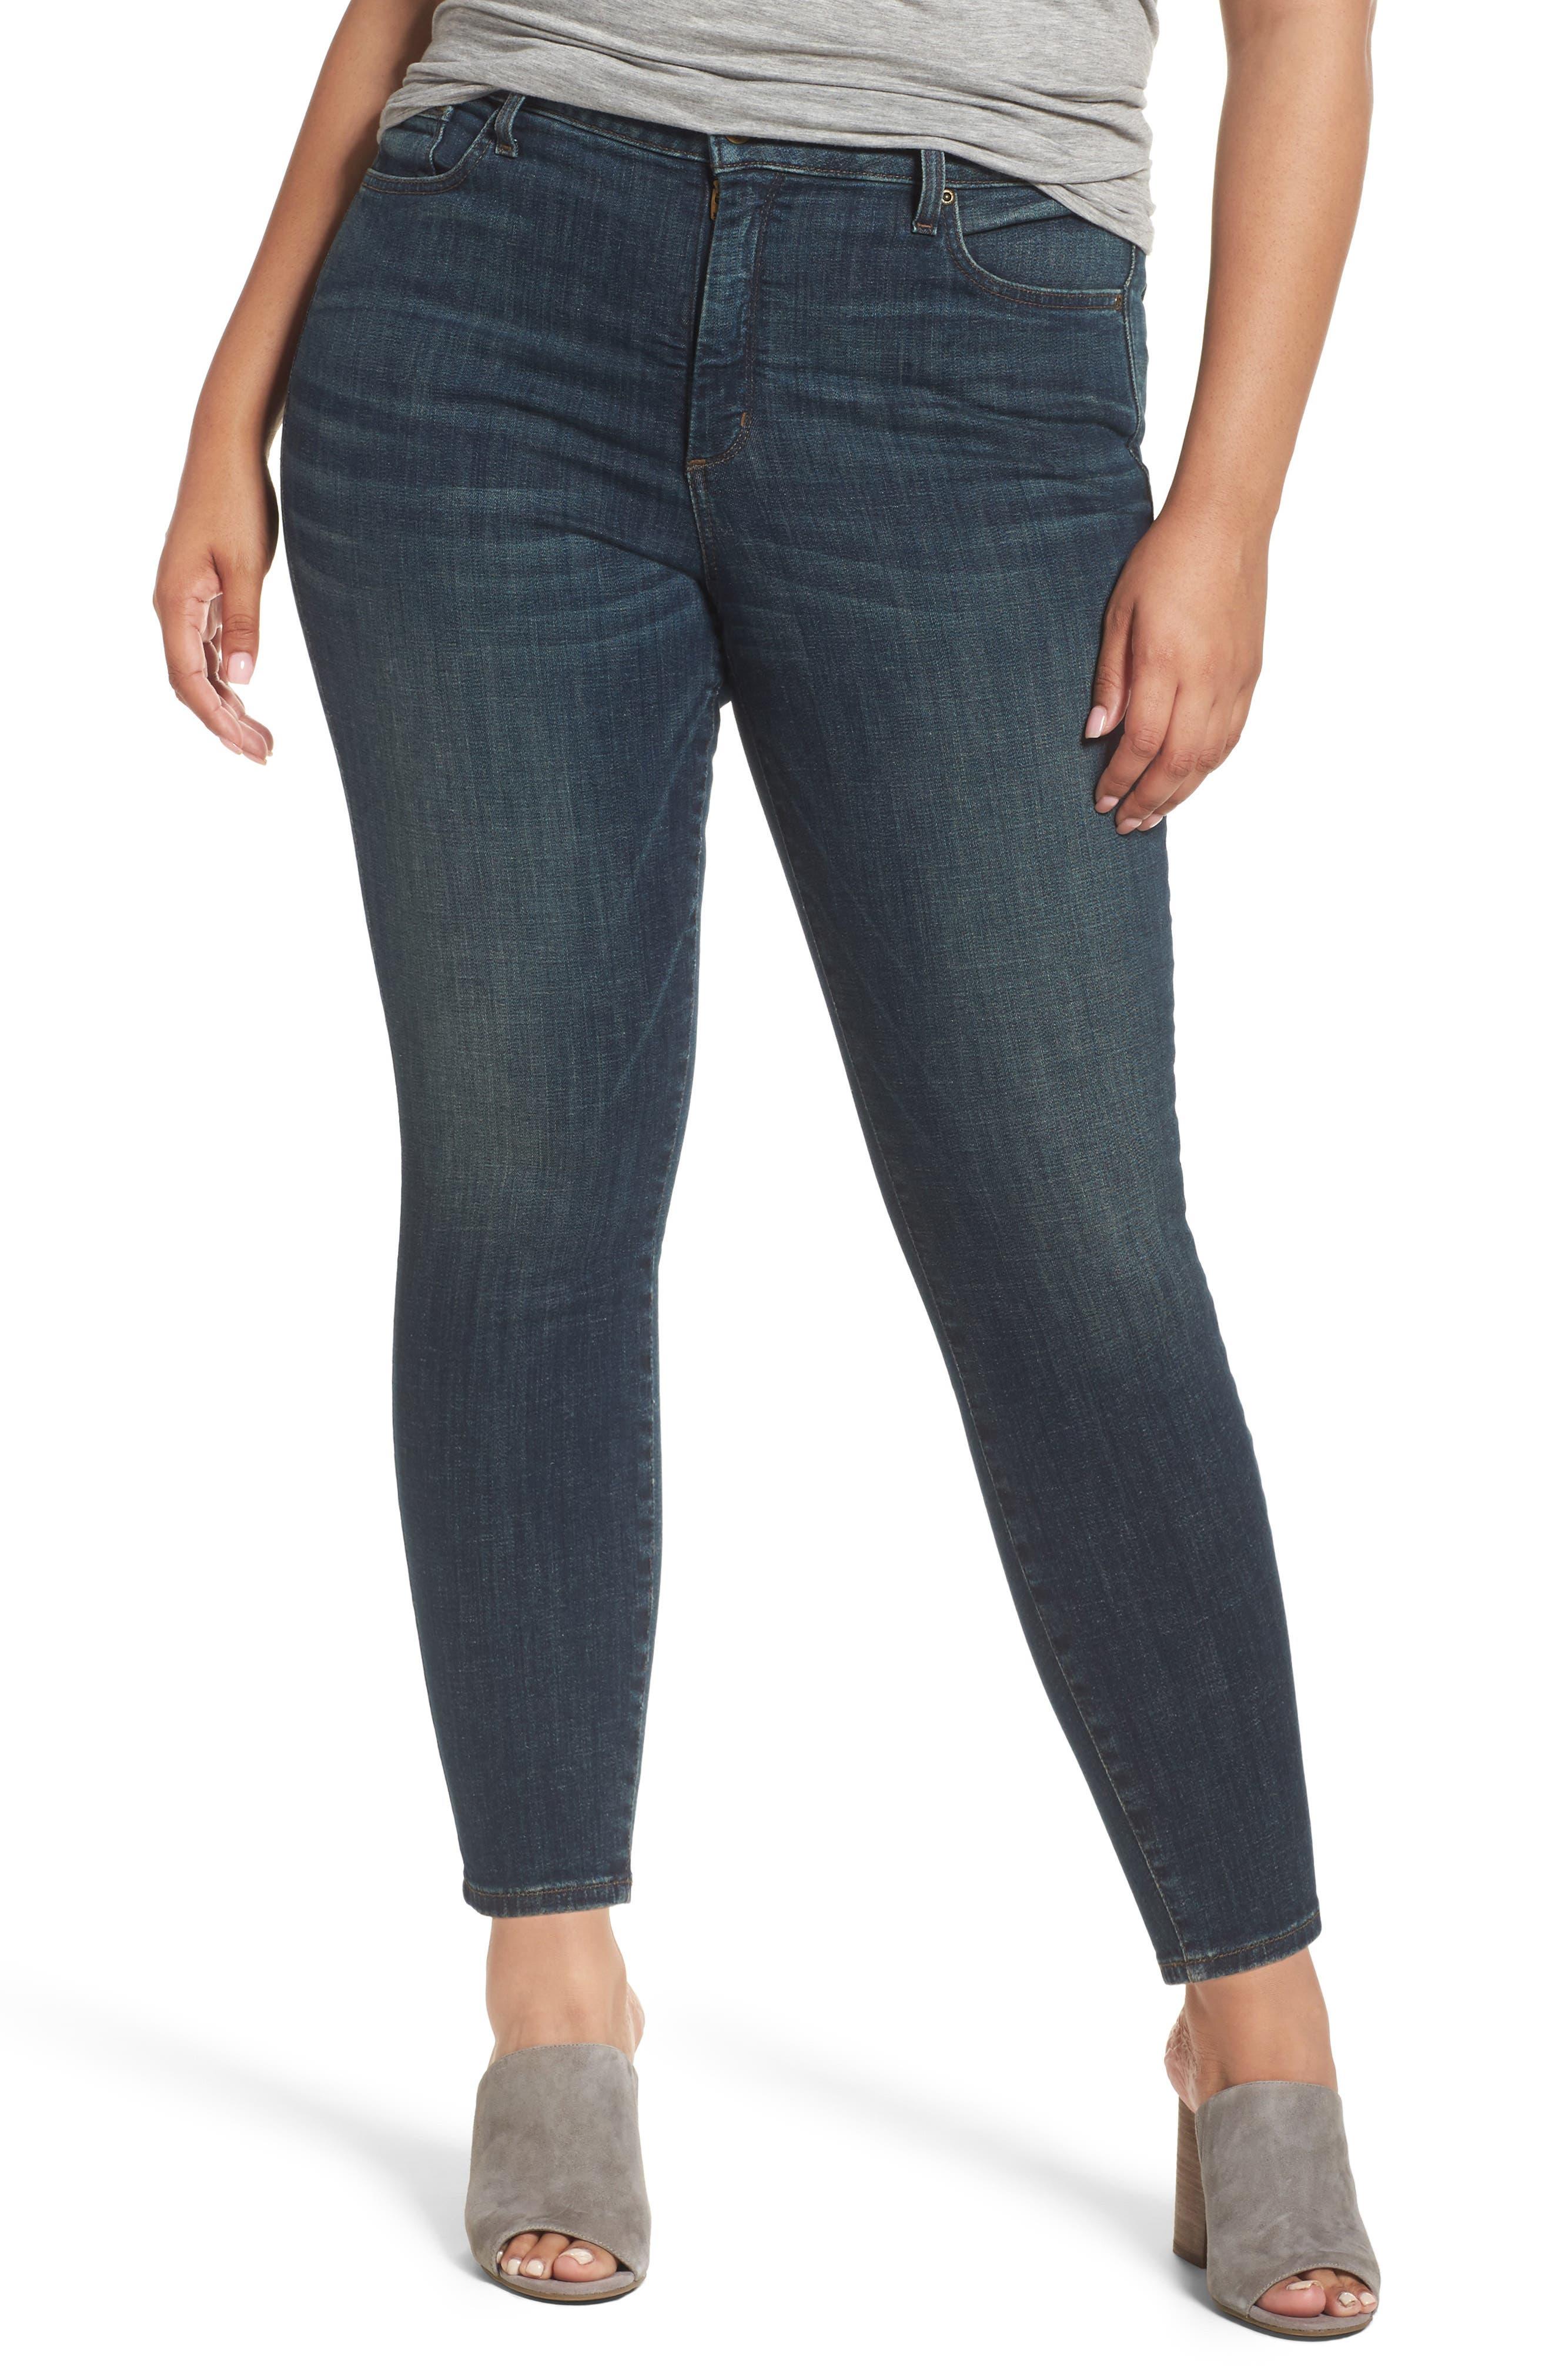 NYDJ Ami Stretch Skinny Jeans (Desert Gold) (Plus Size)